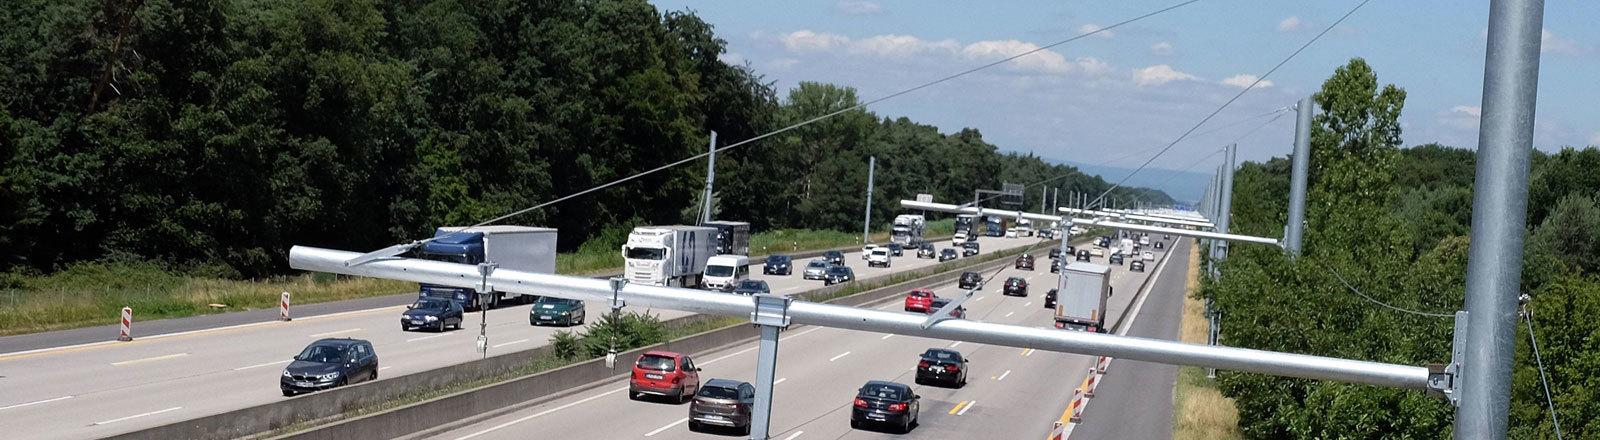 Auf dem E-Highway Deutschland auf der A5 zwischen Frankfurt und Darmstadt wurde Oberleitungen über die Autobahn gebaut.